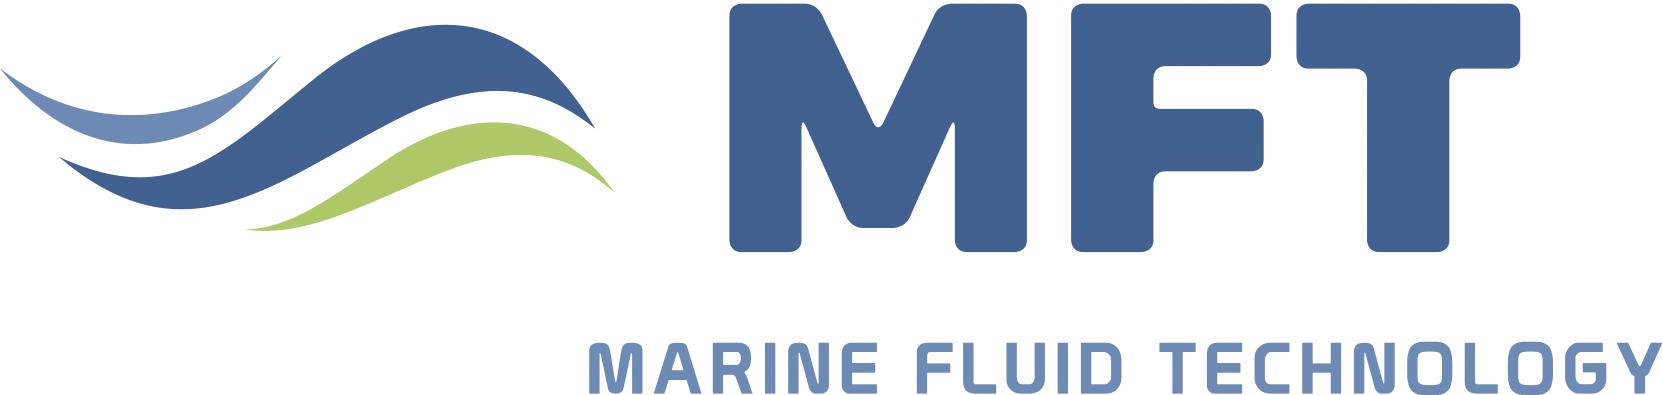 Marine Fluid Technology A/S